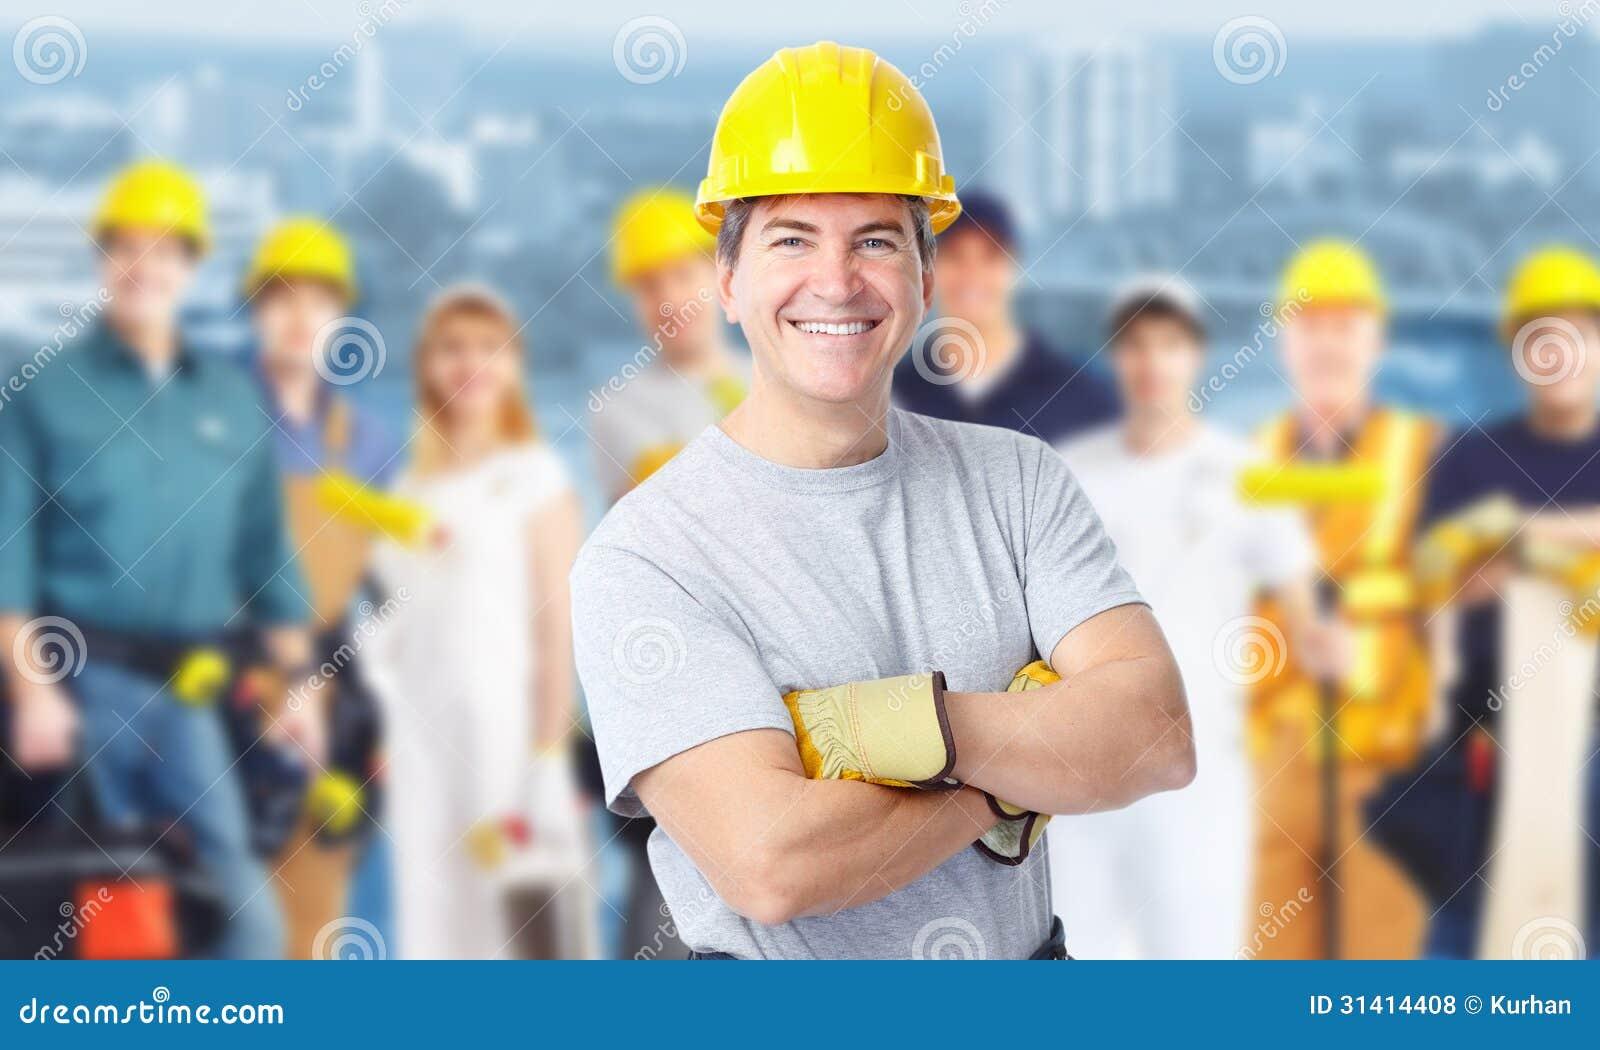 Рабочие люди  энциклопедия брокгауза и эфрона